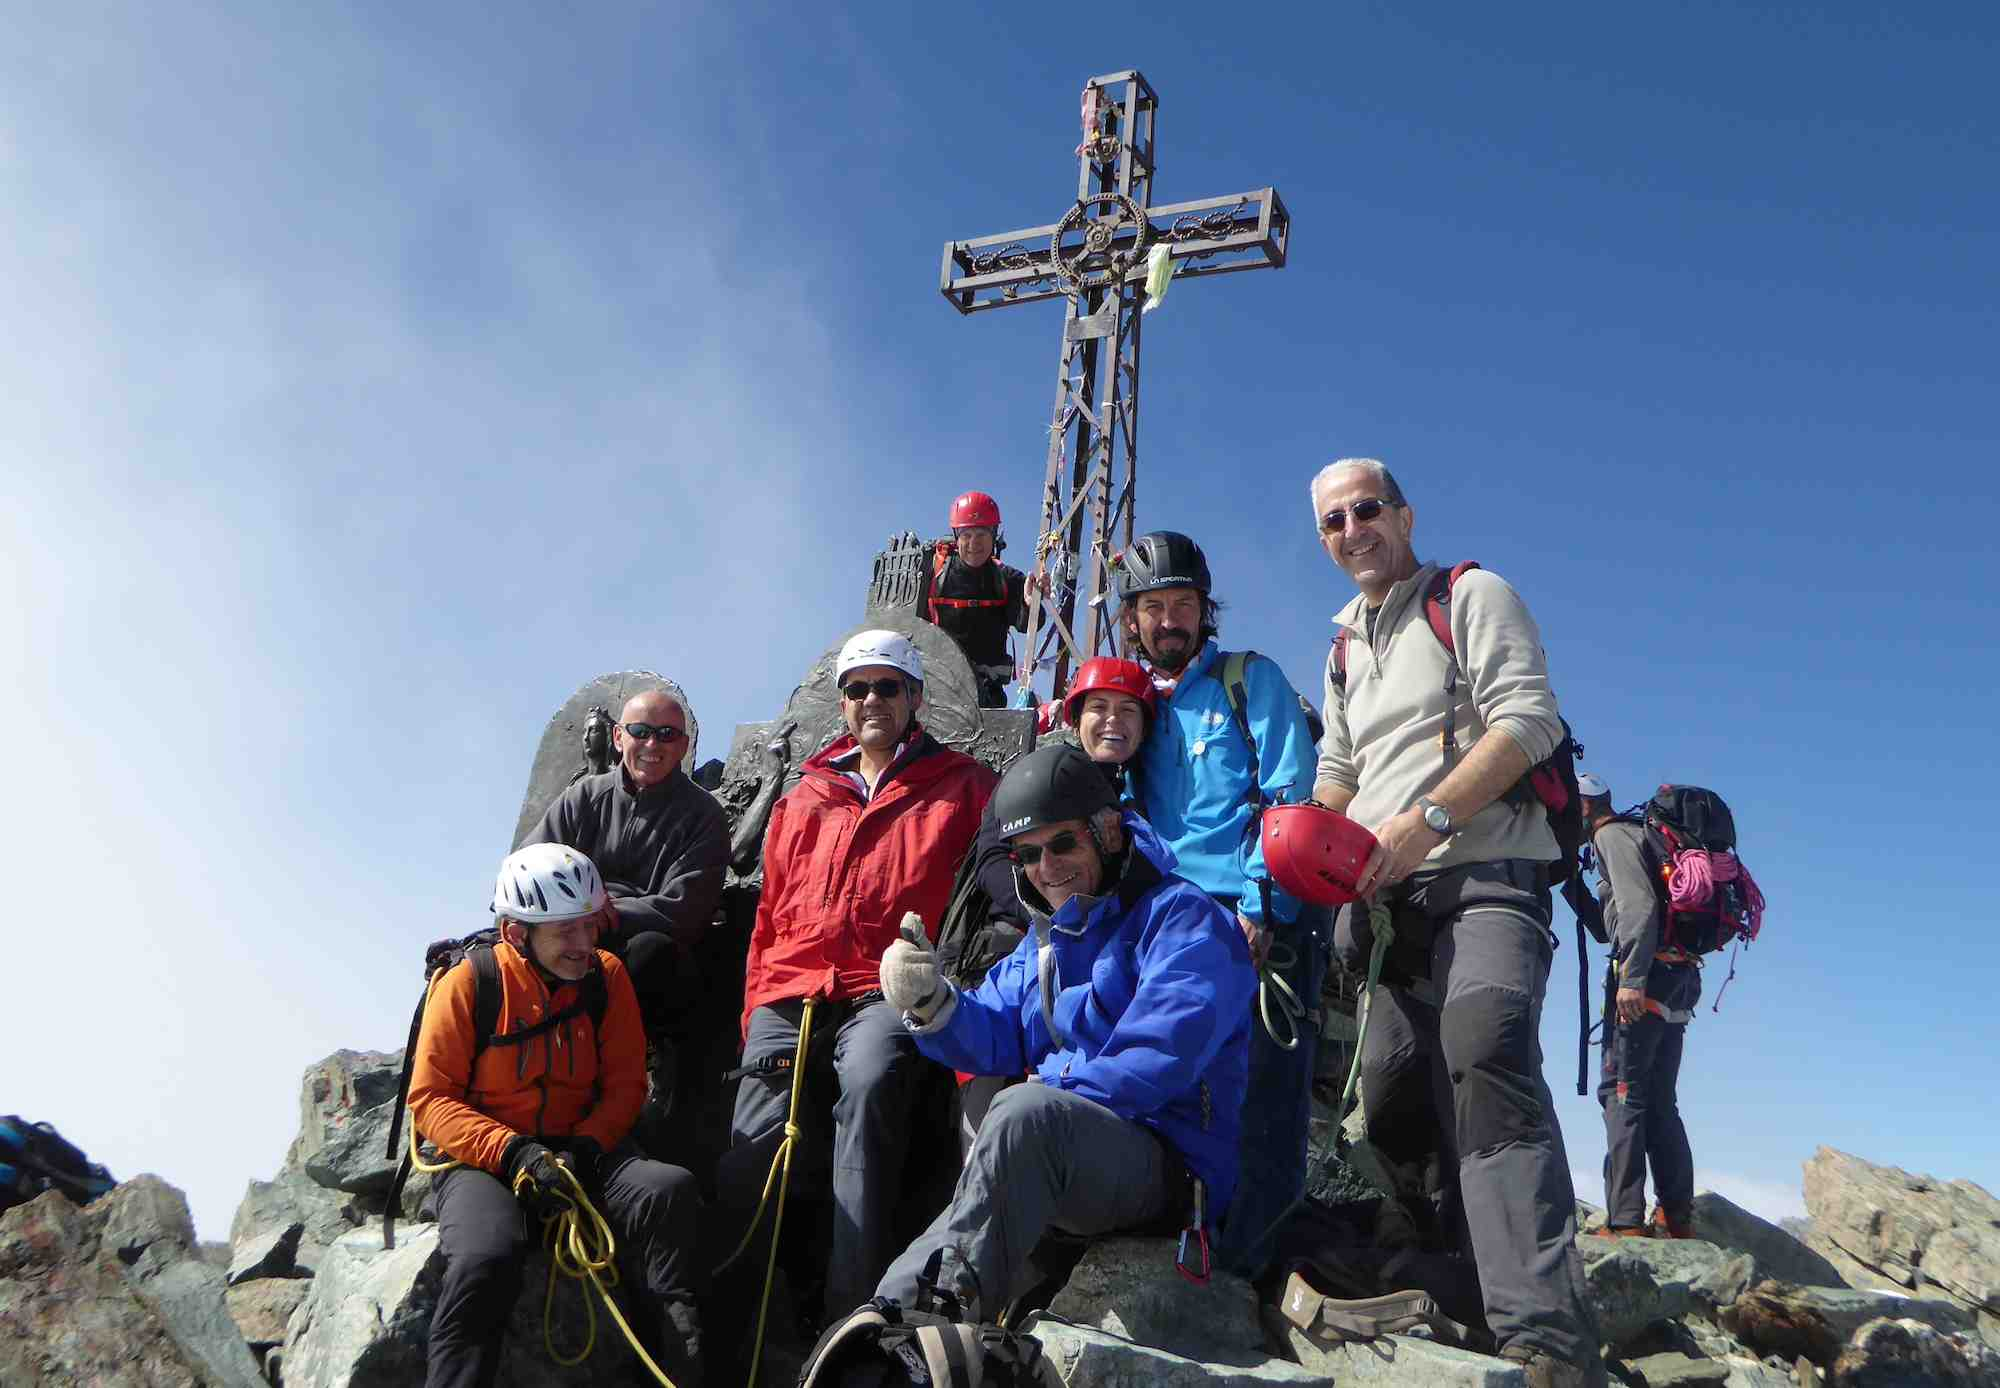 La Guida - Chiamparino e Valmaggia scalano il Monviso